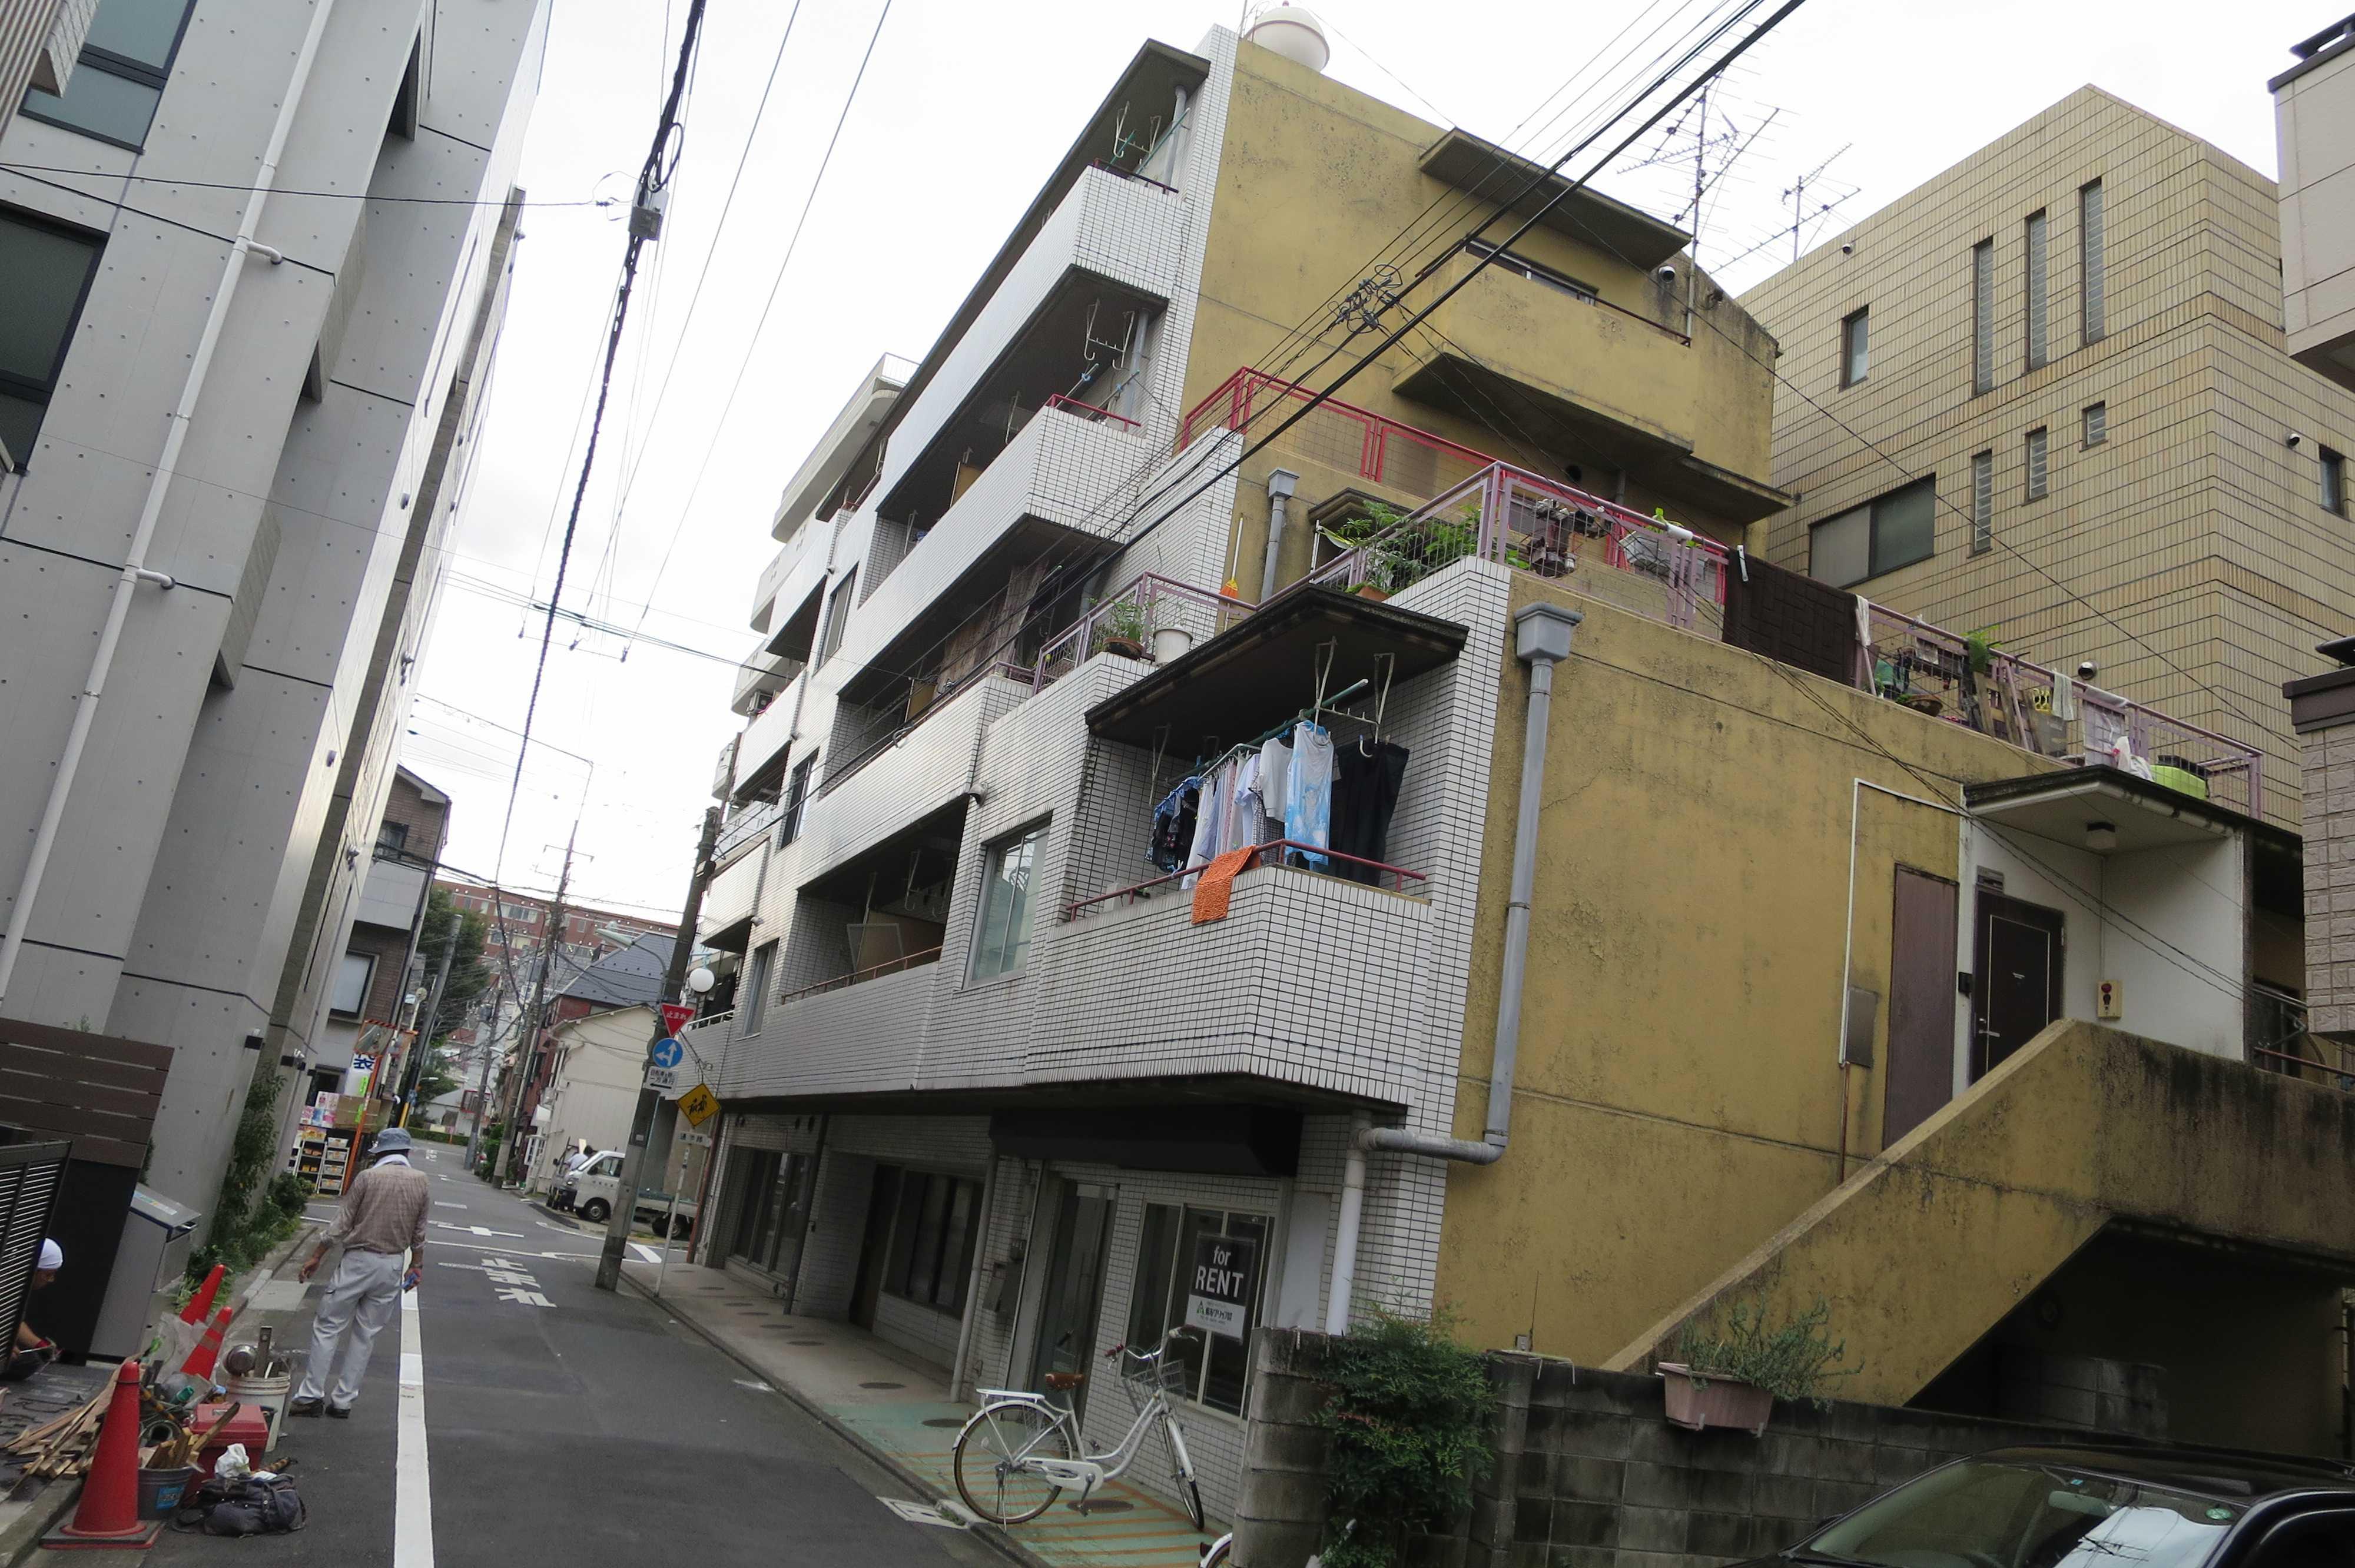 正面は新しそうだけど、横が古い建物 - 東京都品川区